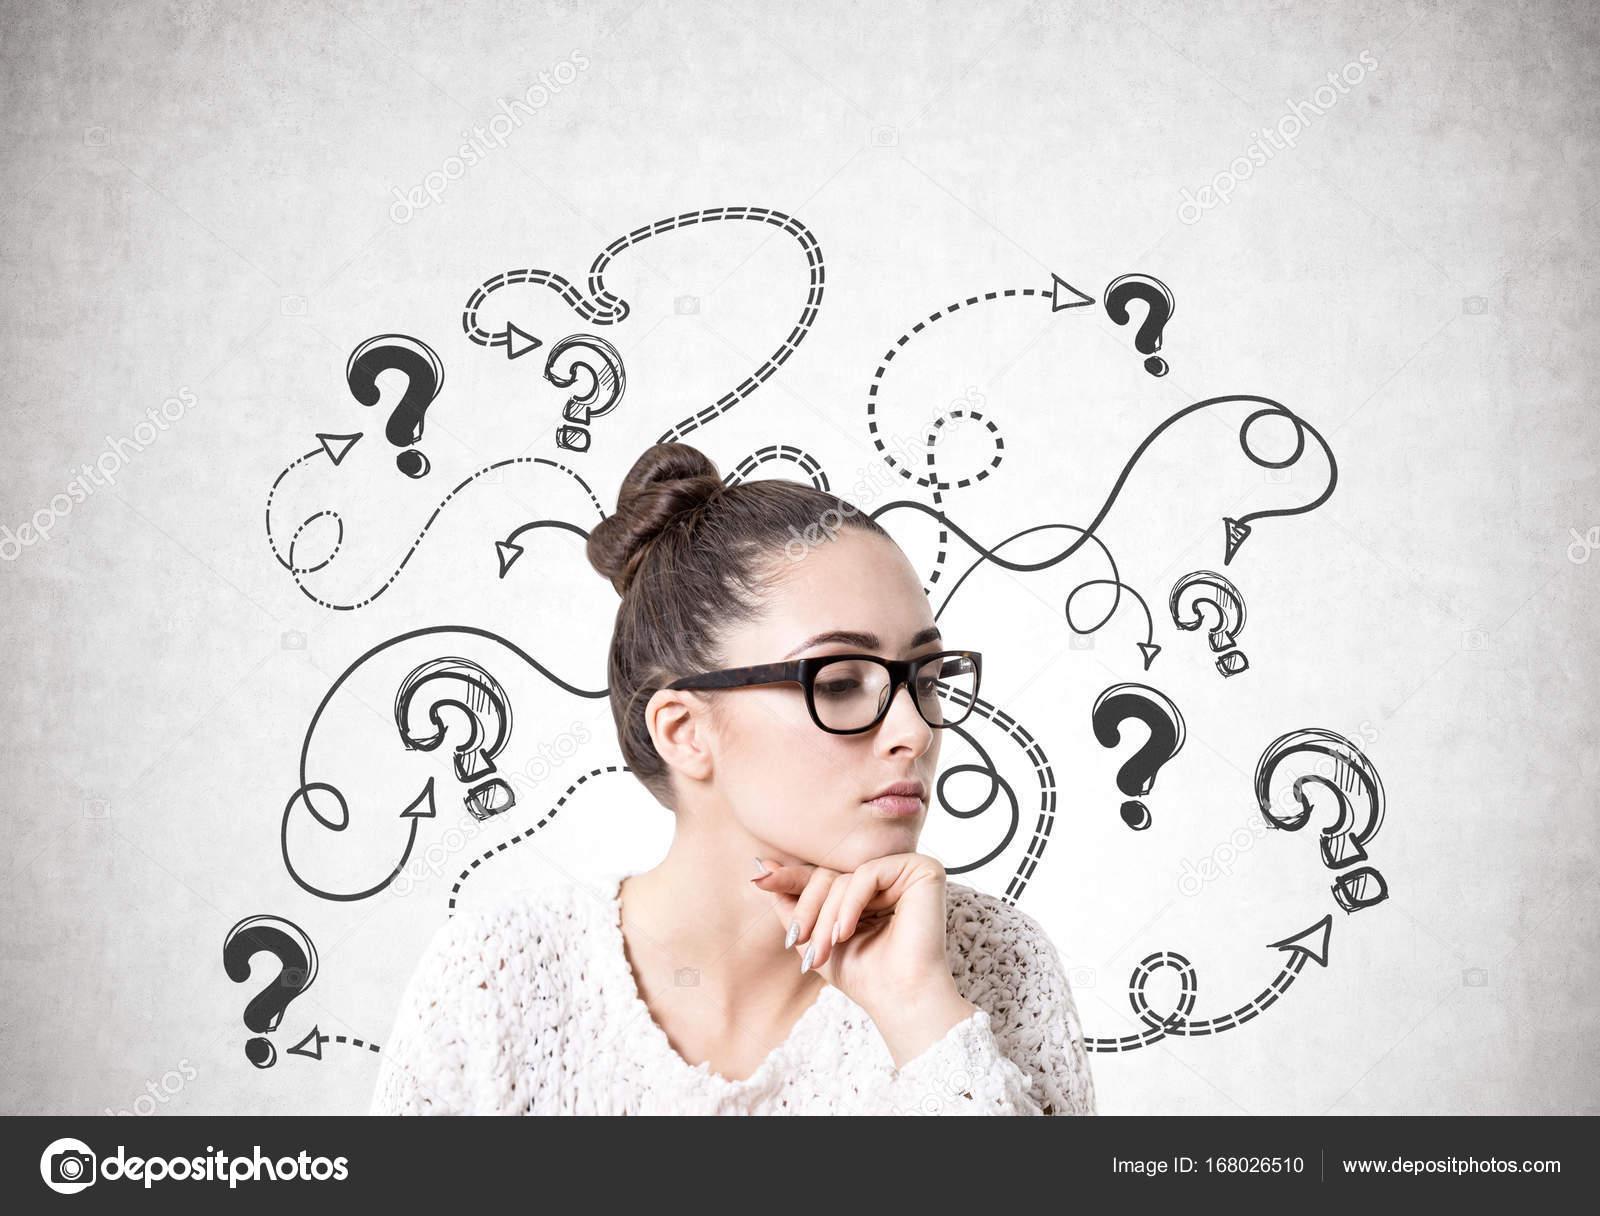 Fragen, die sie sich stellen sollten, bevor sie mit erwachsenen ausgehen